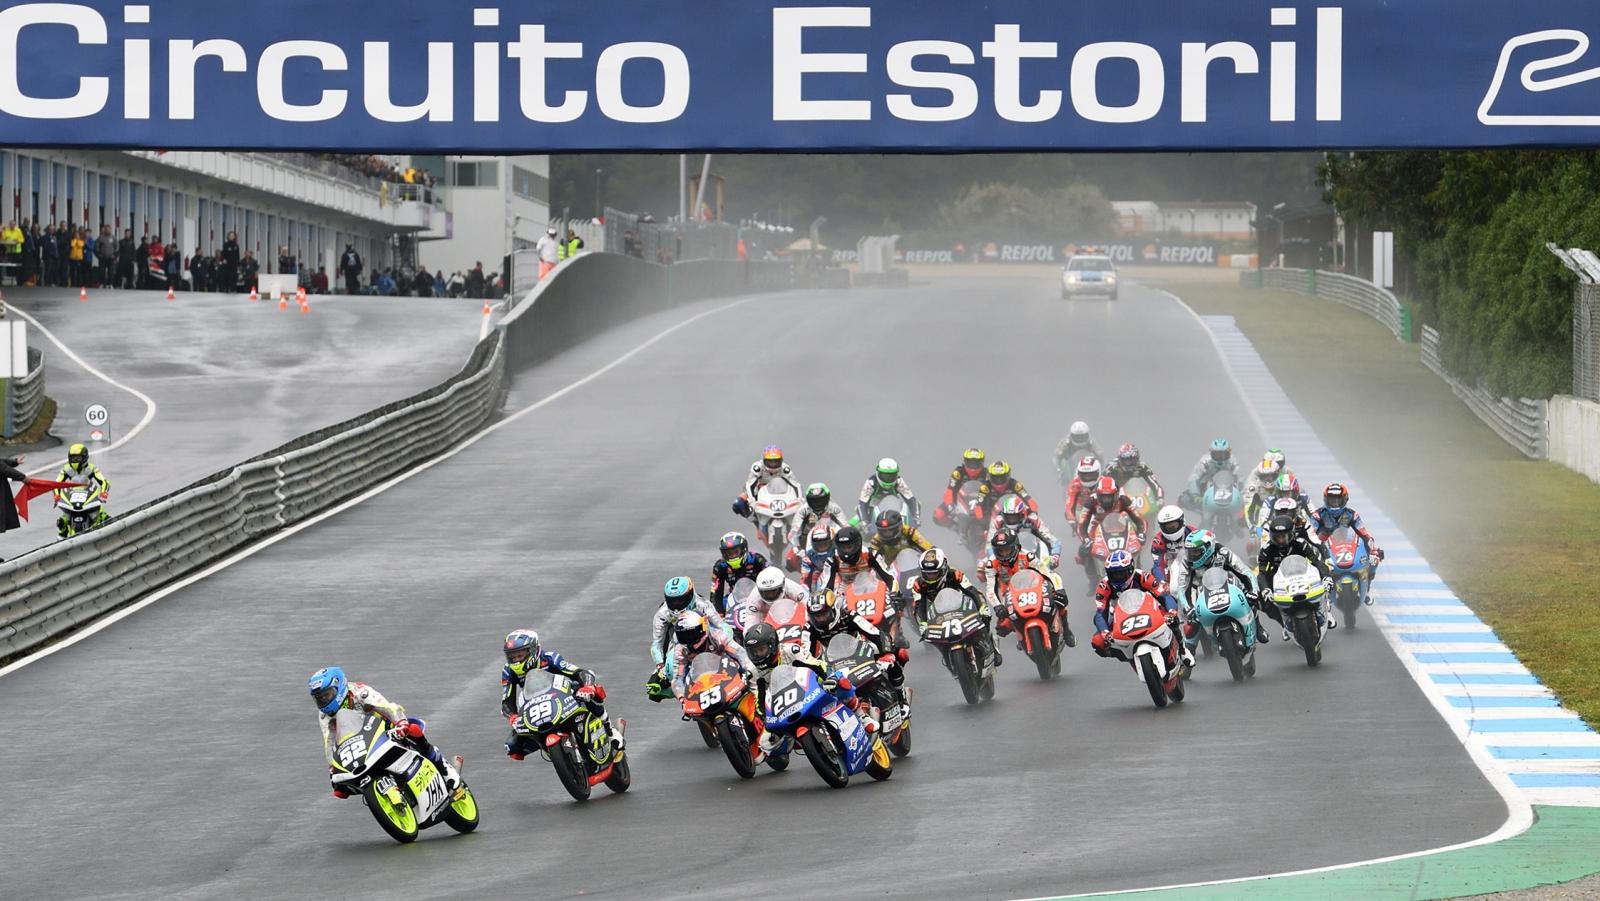 FIM CEV Estoril 2020: Horarios y dónde ver en TV las carreras de Moto3, Moto2 y ETC